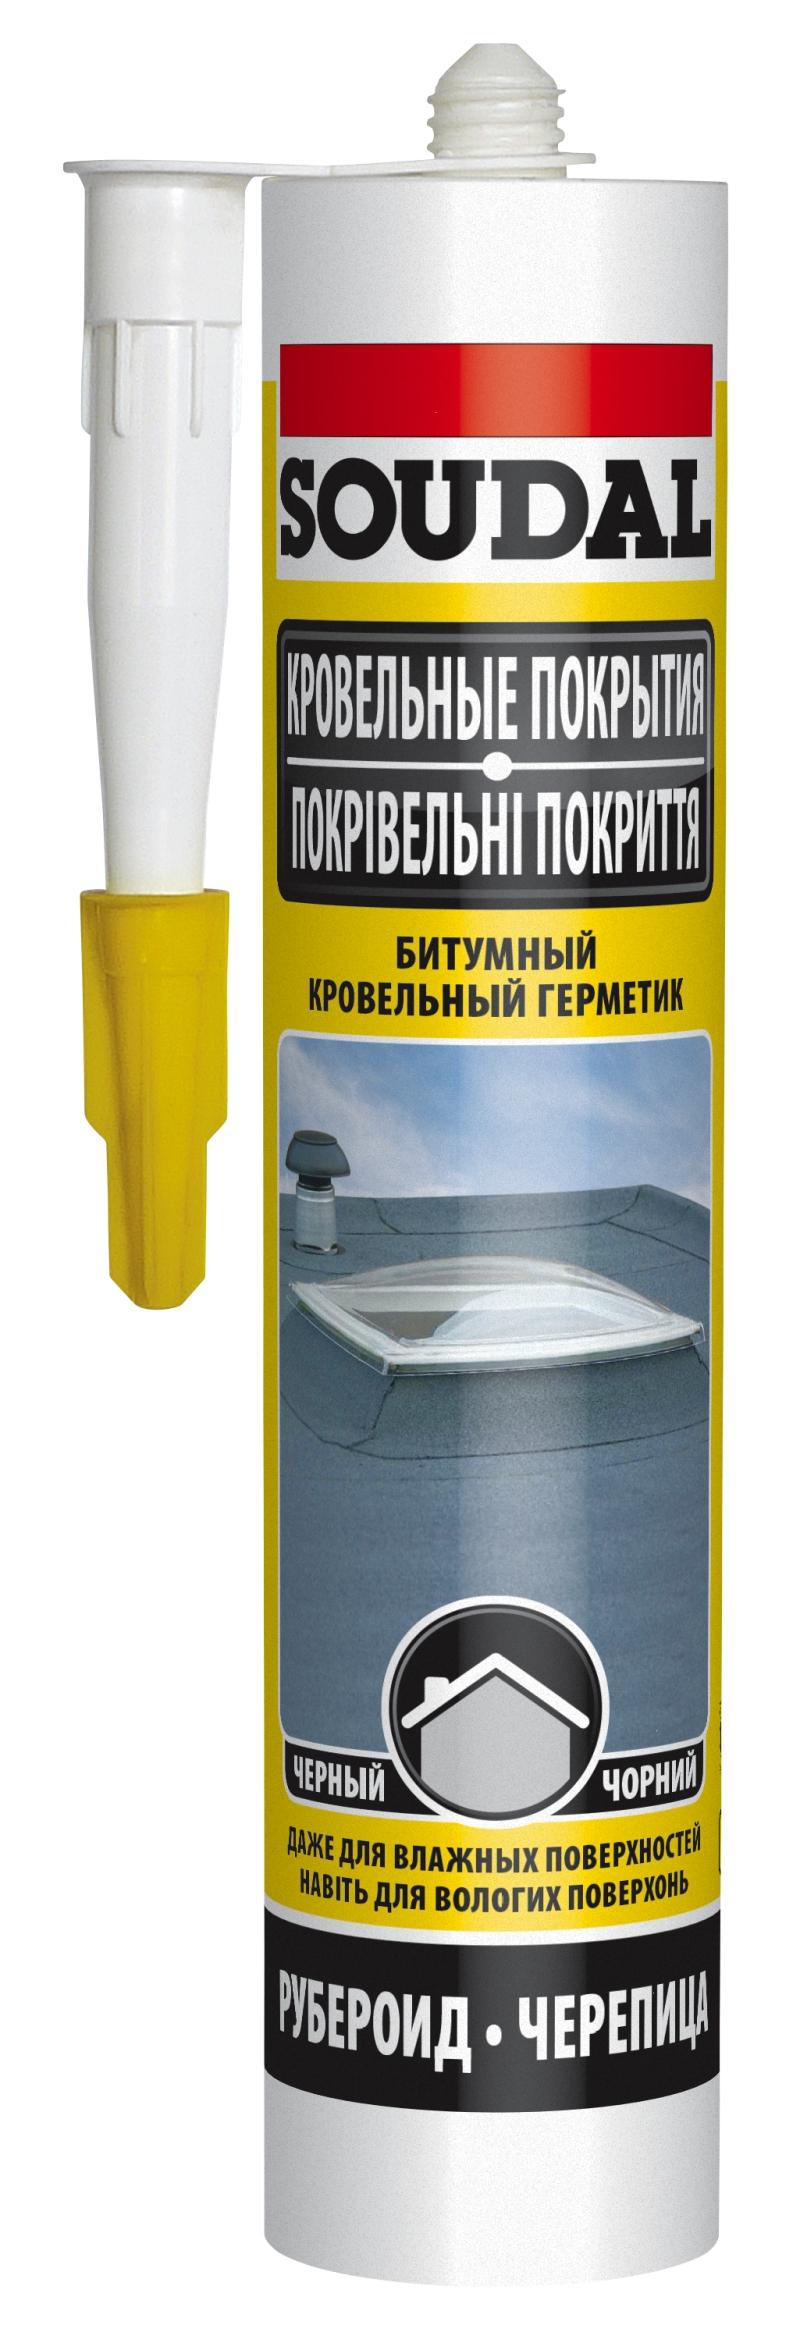 герметик водостойкий купить